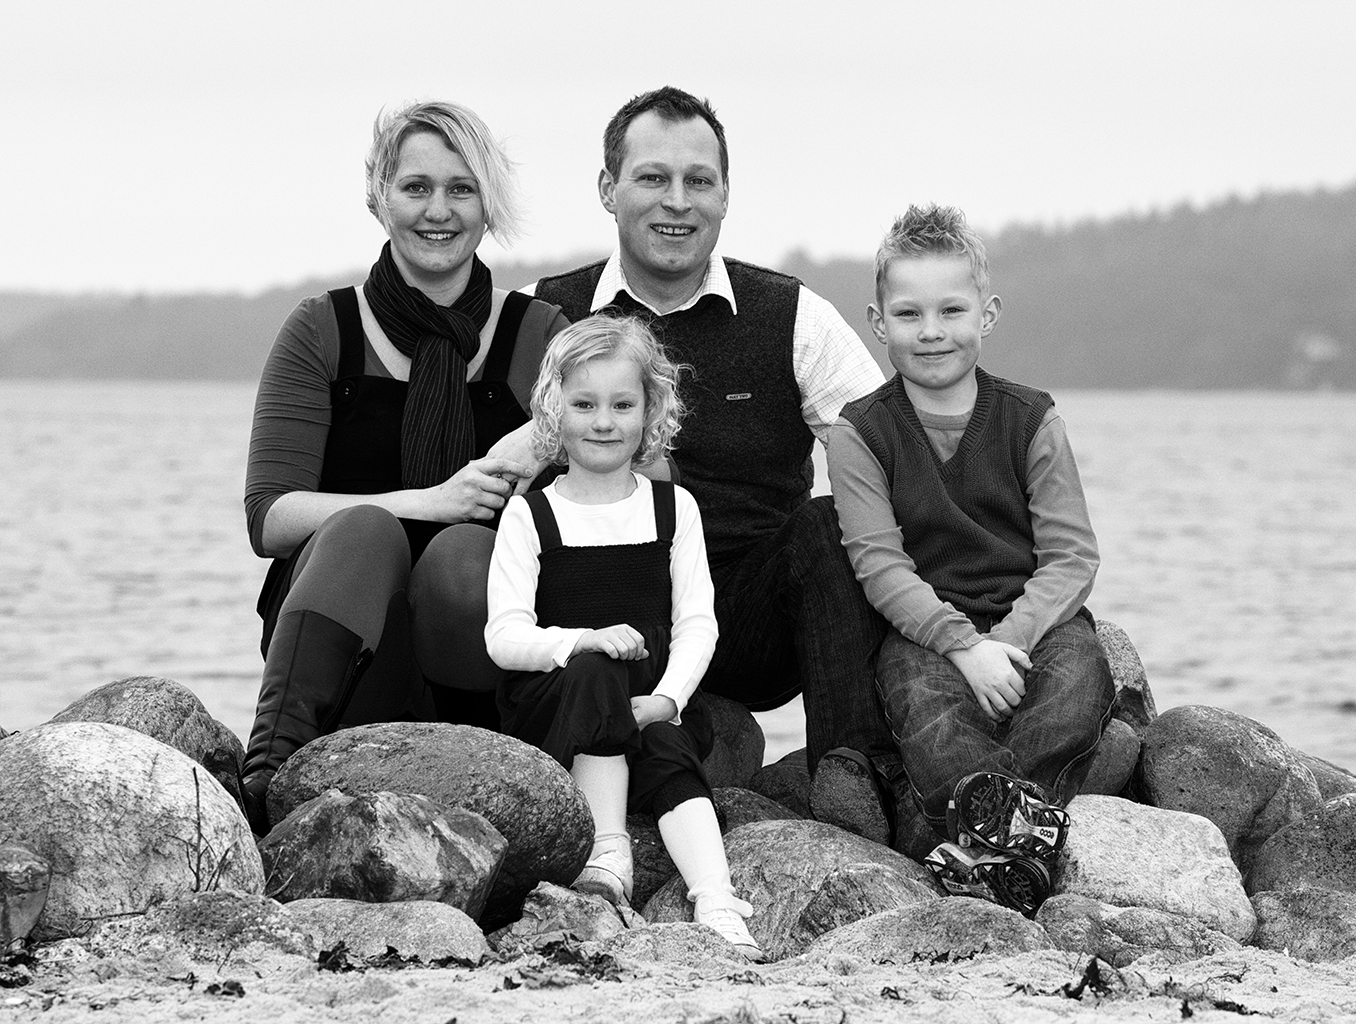 Familie og gruppe billeder, sort/hvid udendøres familie billeder, sølvbryllupsgave, fødselsdagsgave, Søskendebilleder